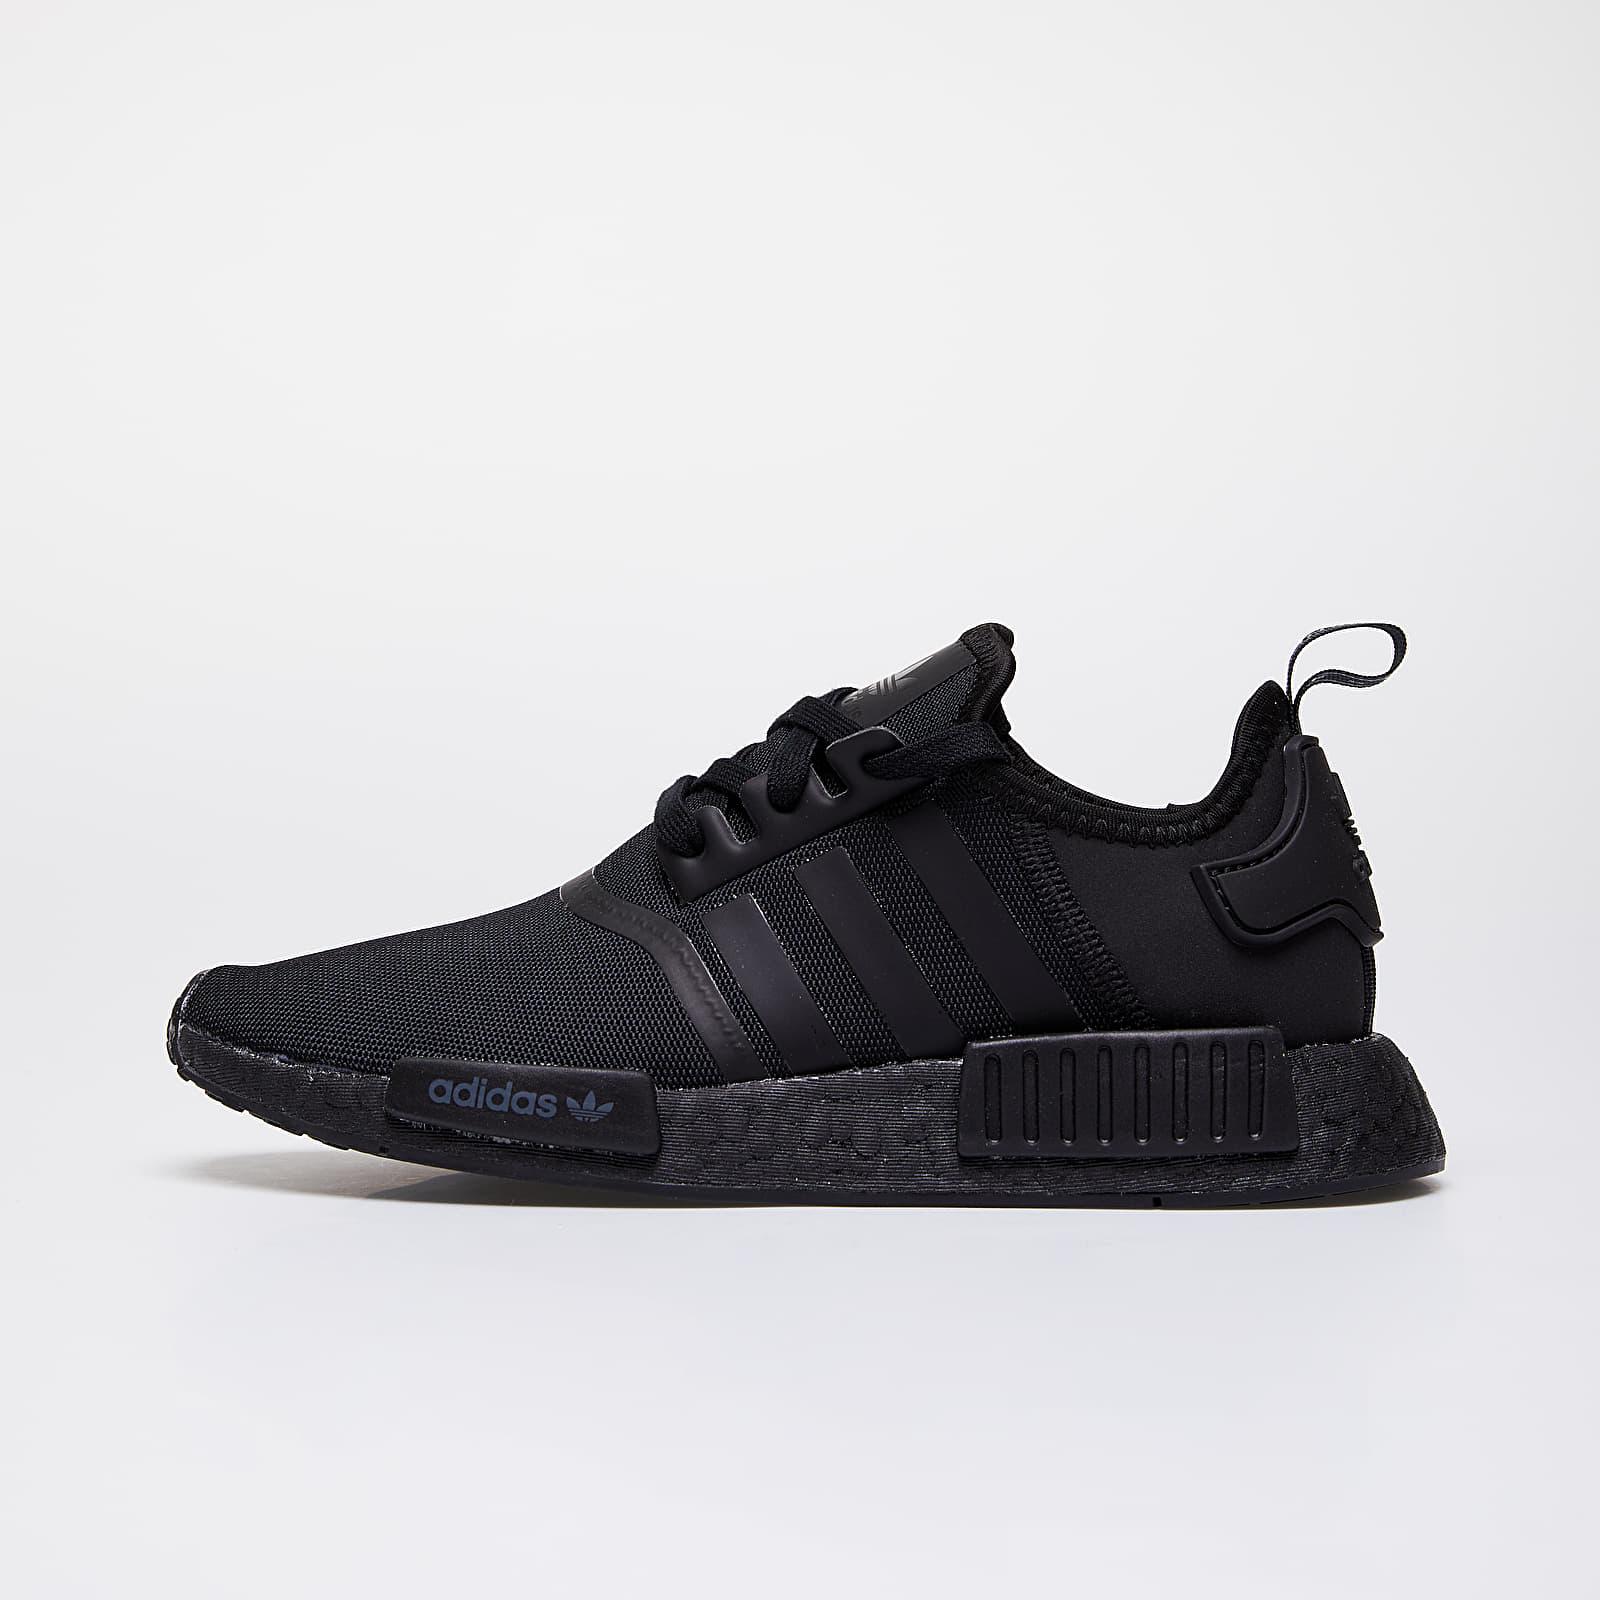 Men's shoes adidas NMD_R1 Core Black/ Core Black/ Core Black